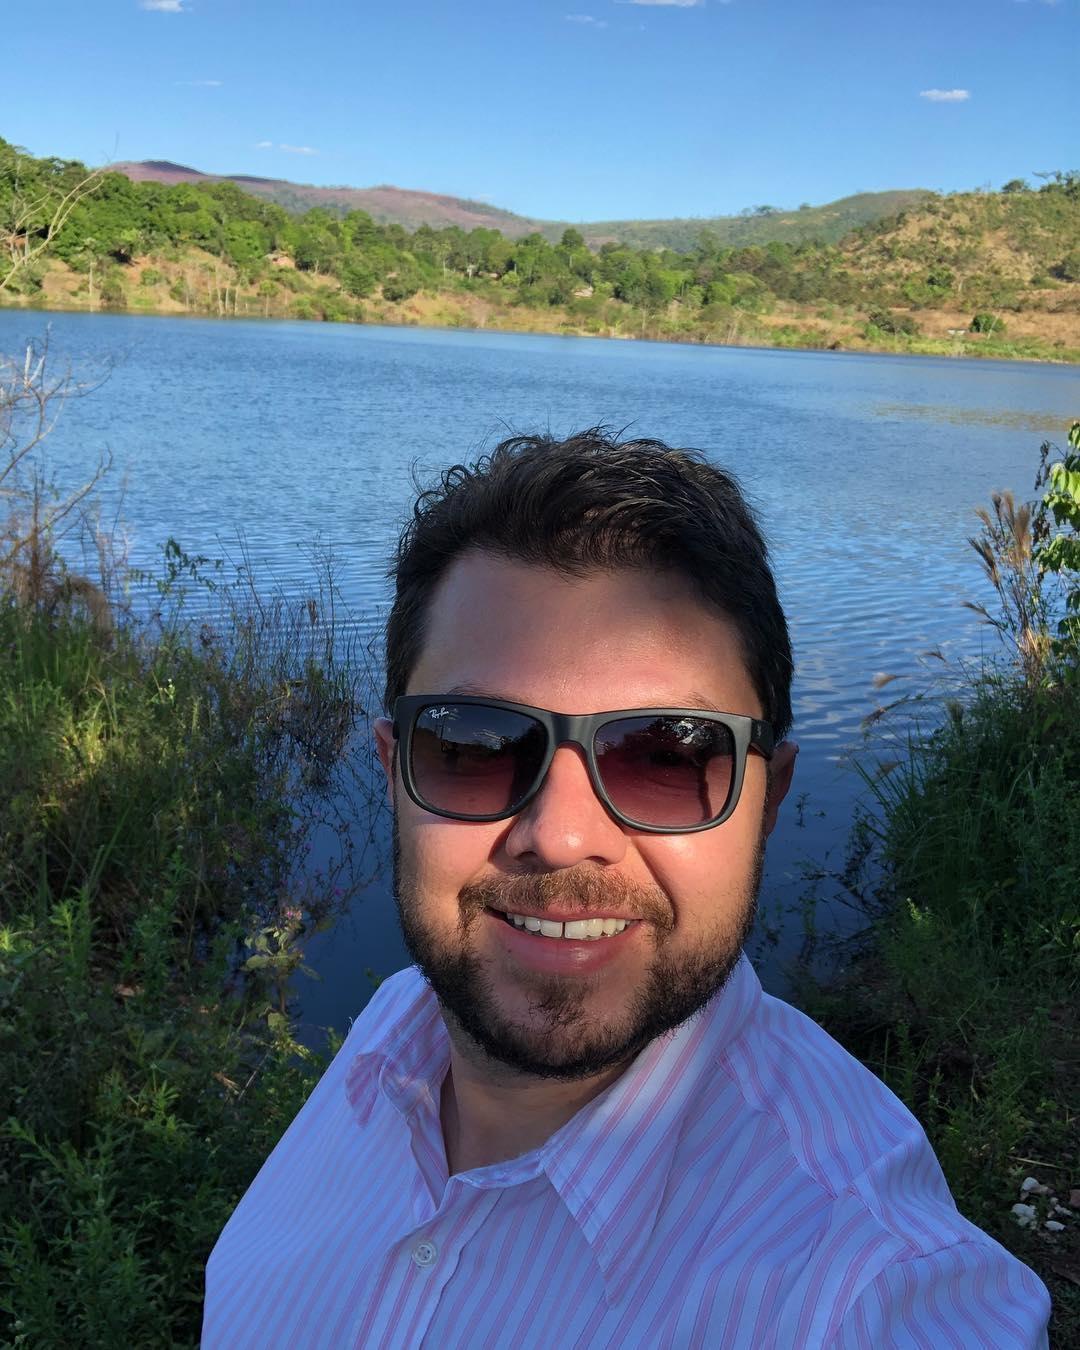 Deivson Vidal visita a implantação do projeto Serra Pelada